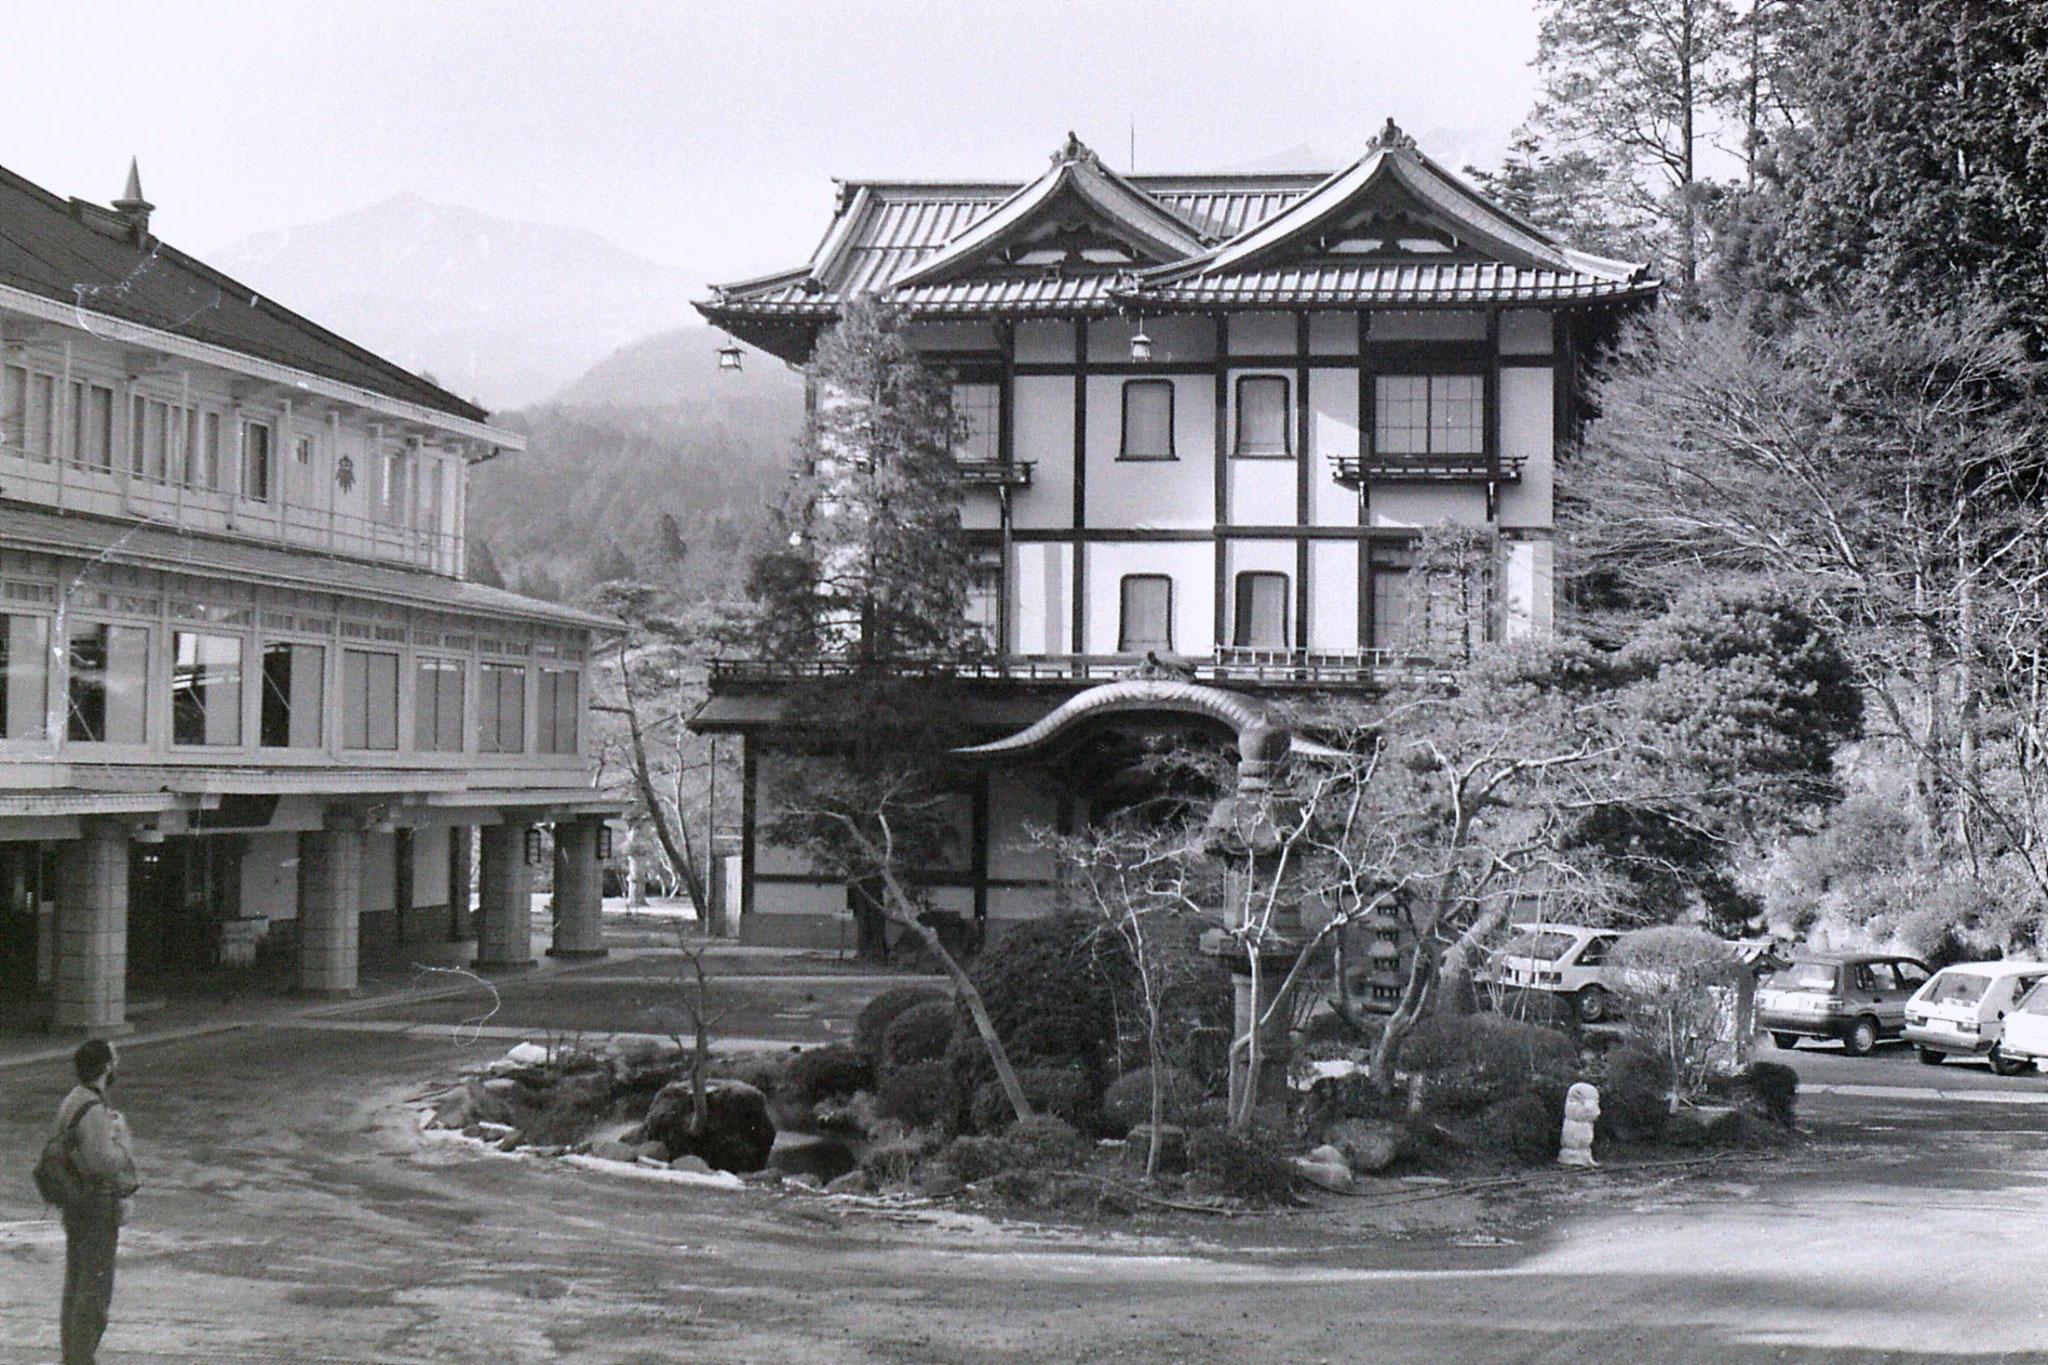 31/1/1989: 10: Kanuga Hotel